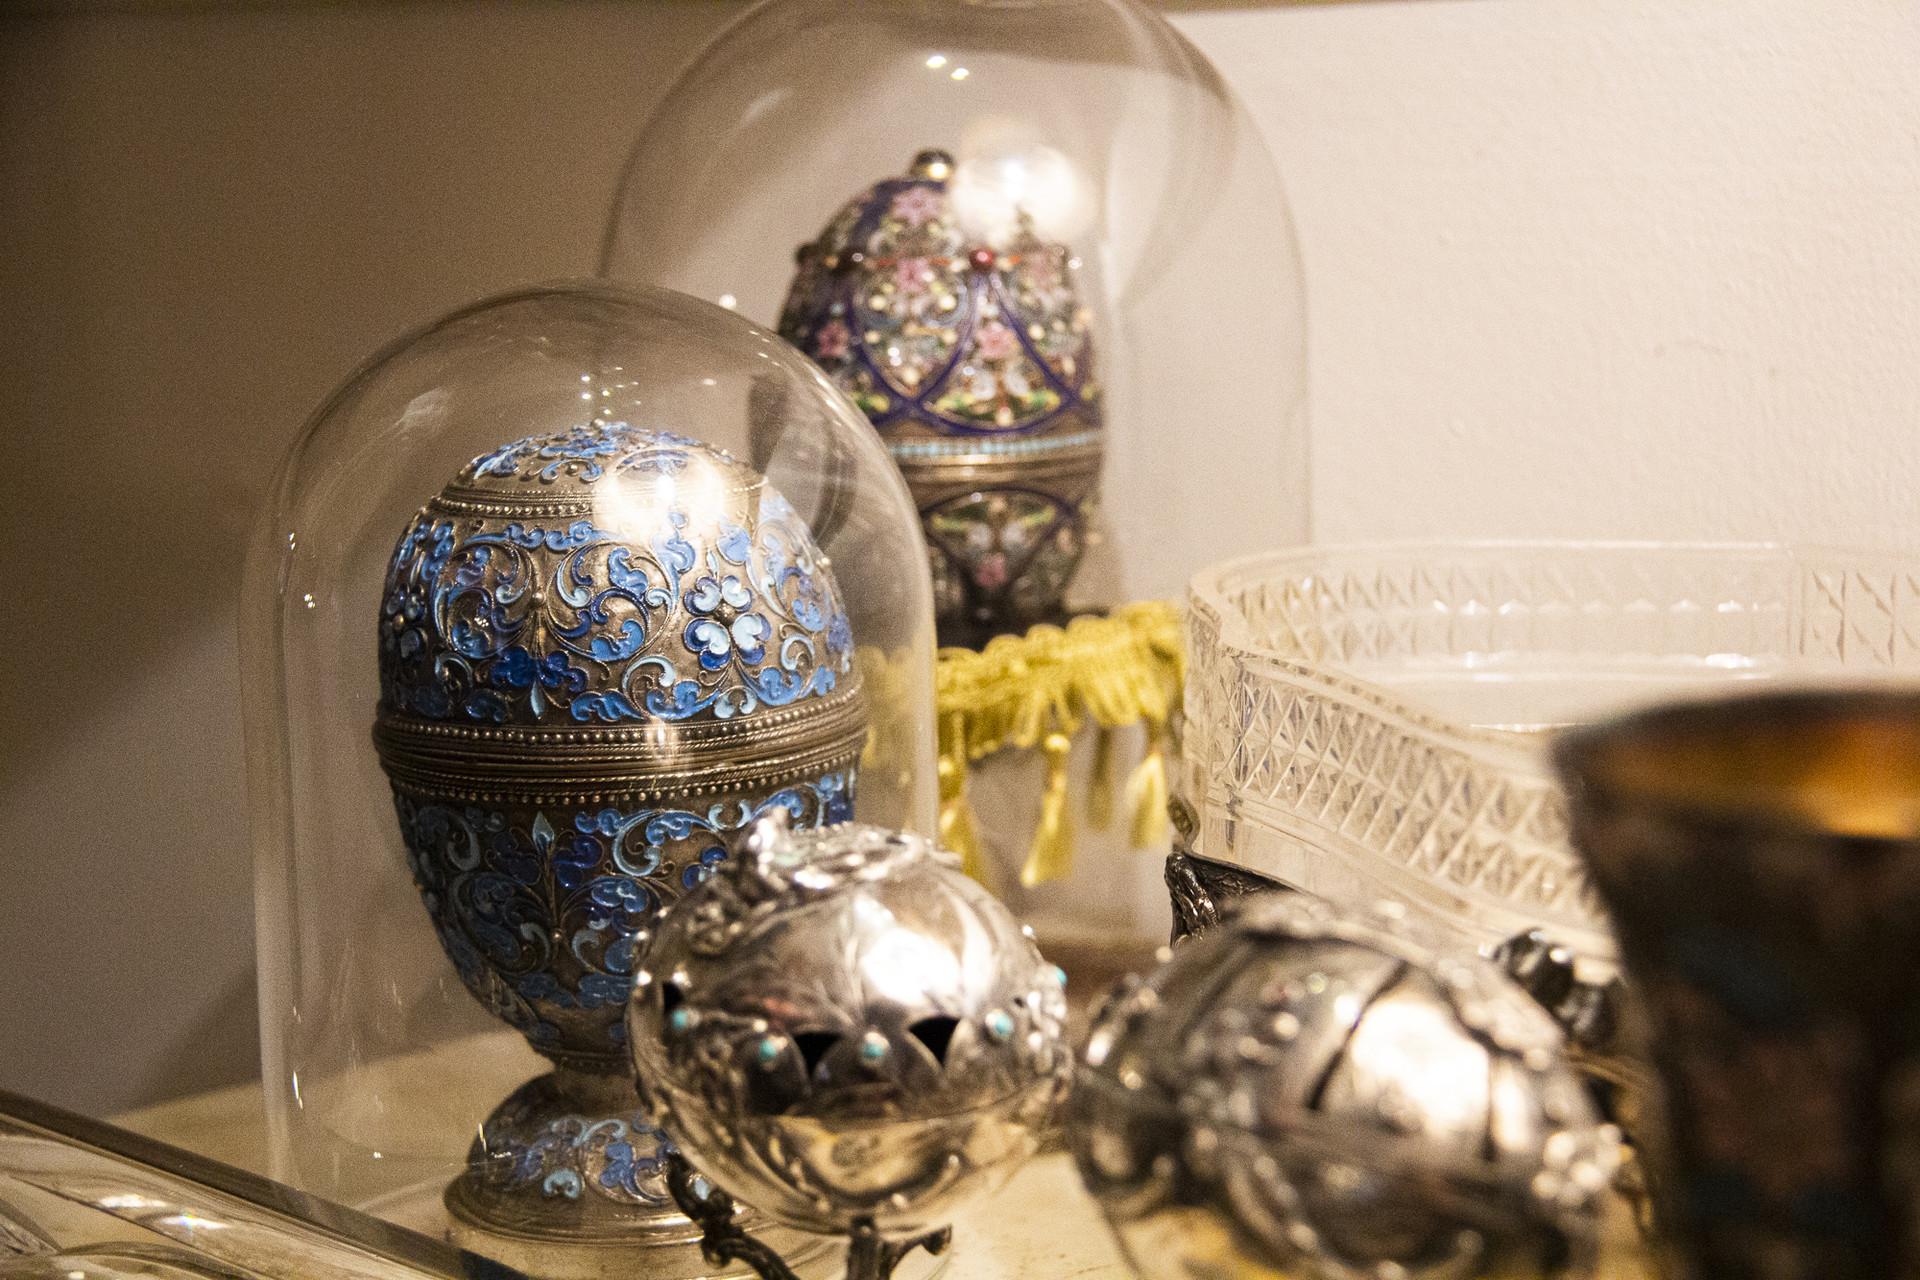 Ovos feitos por um joalheiro do ateliê de Fabergé.